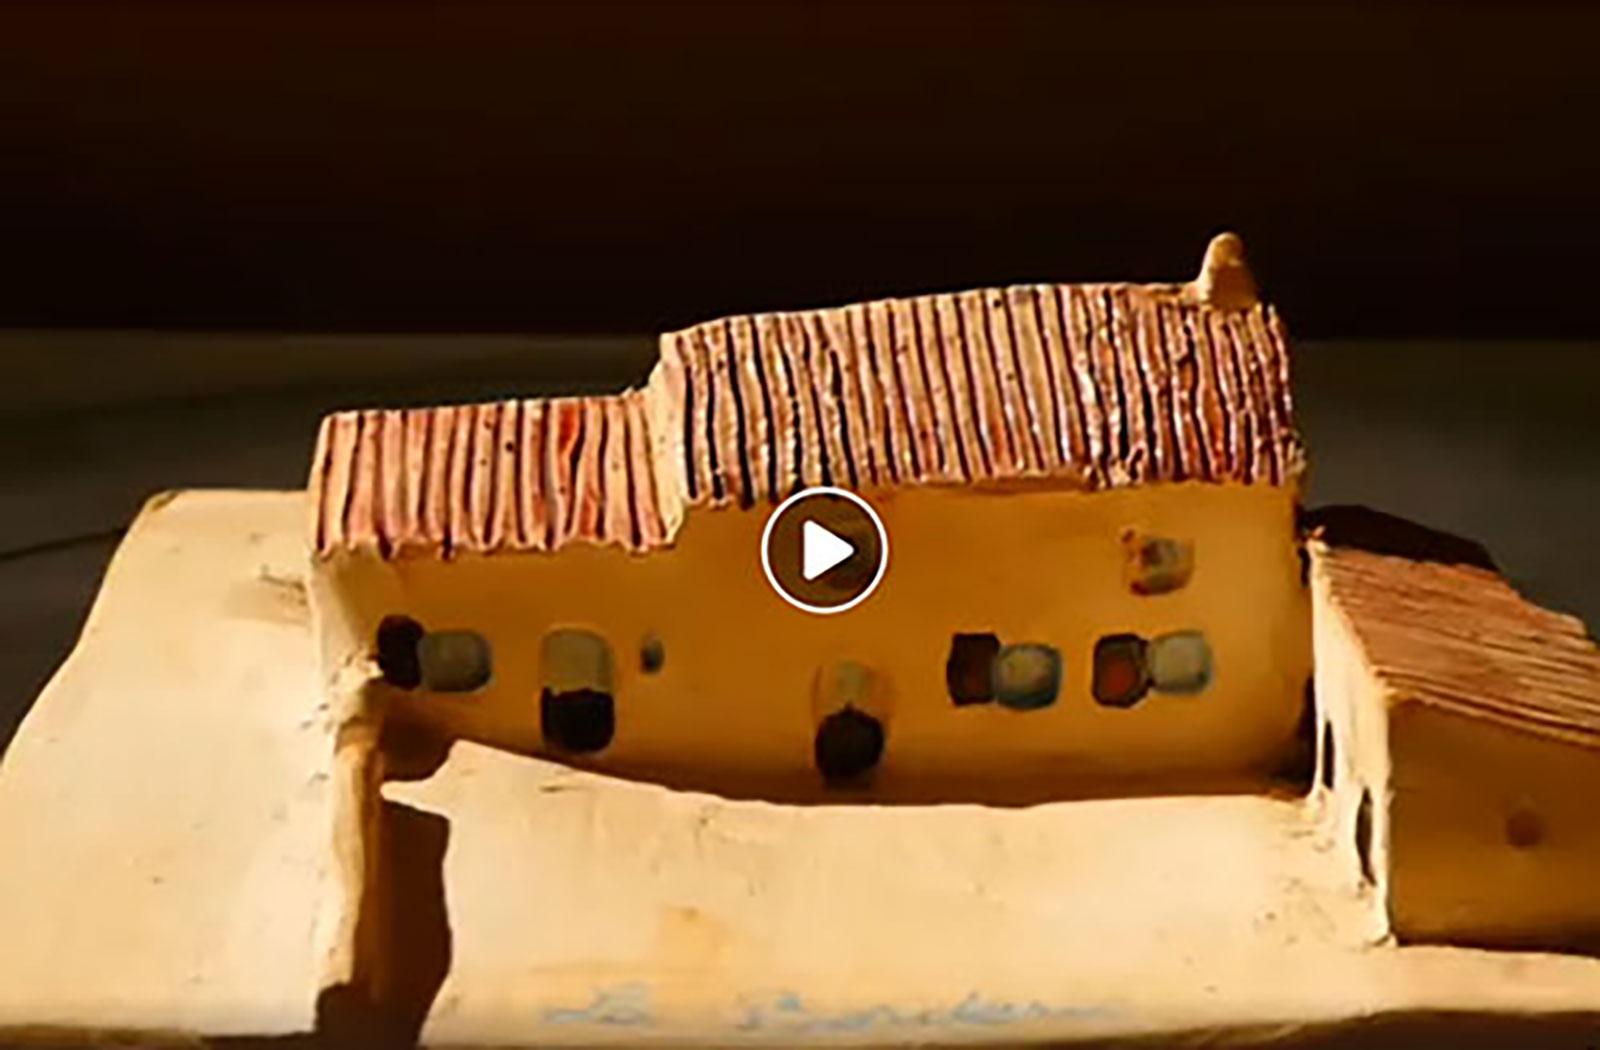 la poterie de saint porchaire premiere image vidéo d'un adhérent